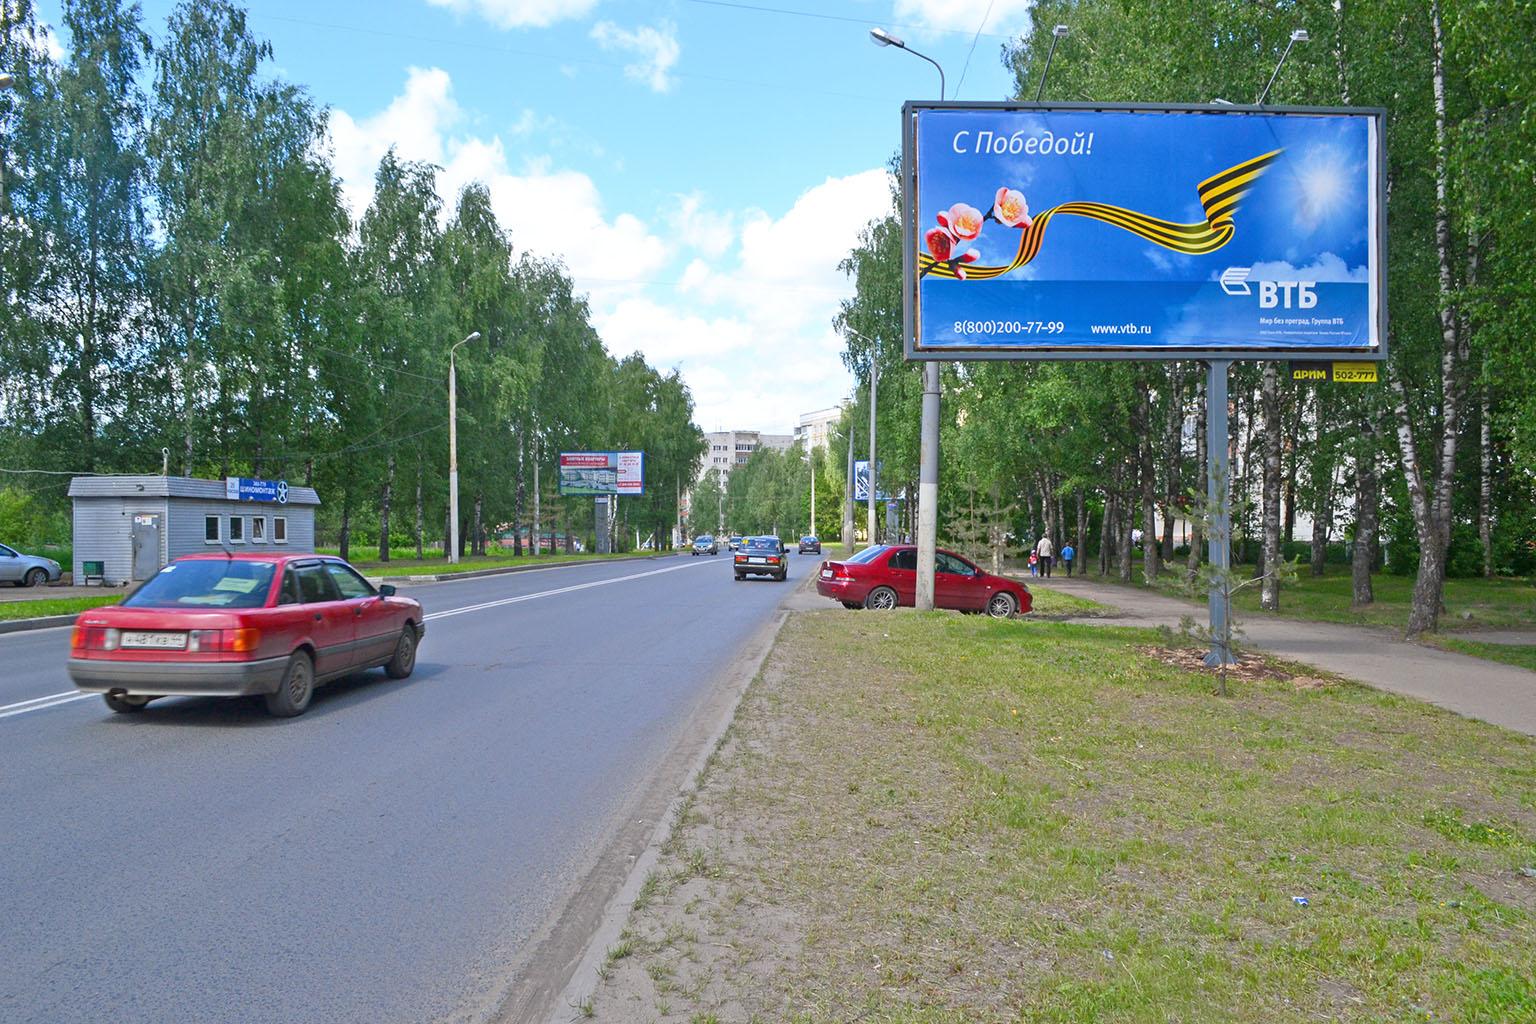 «С Победой!» - билборд Кострома, Кинешемское шоссе, 45-51